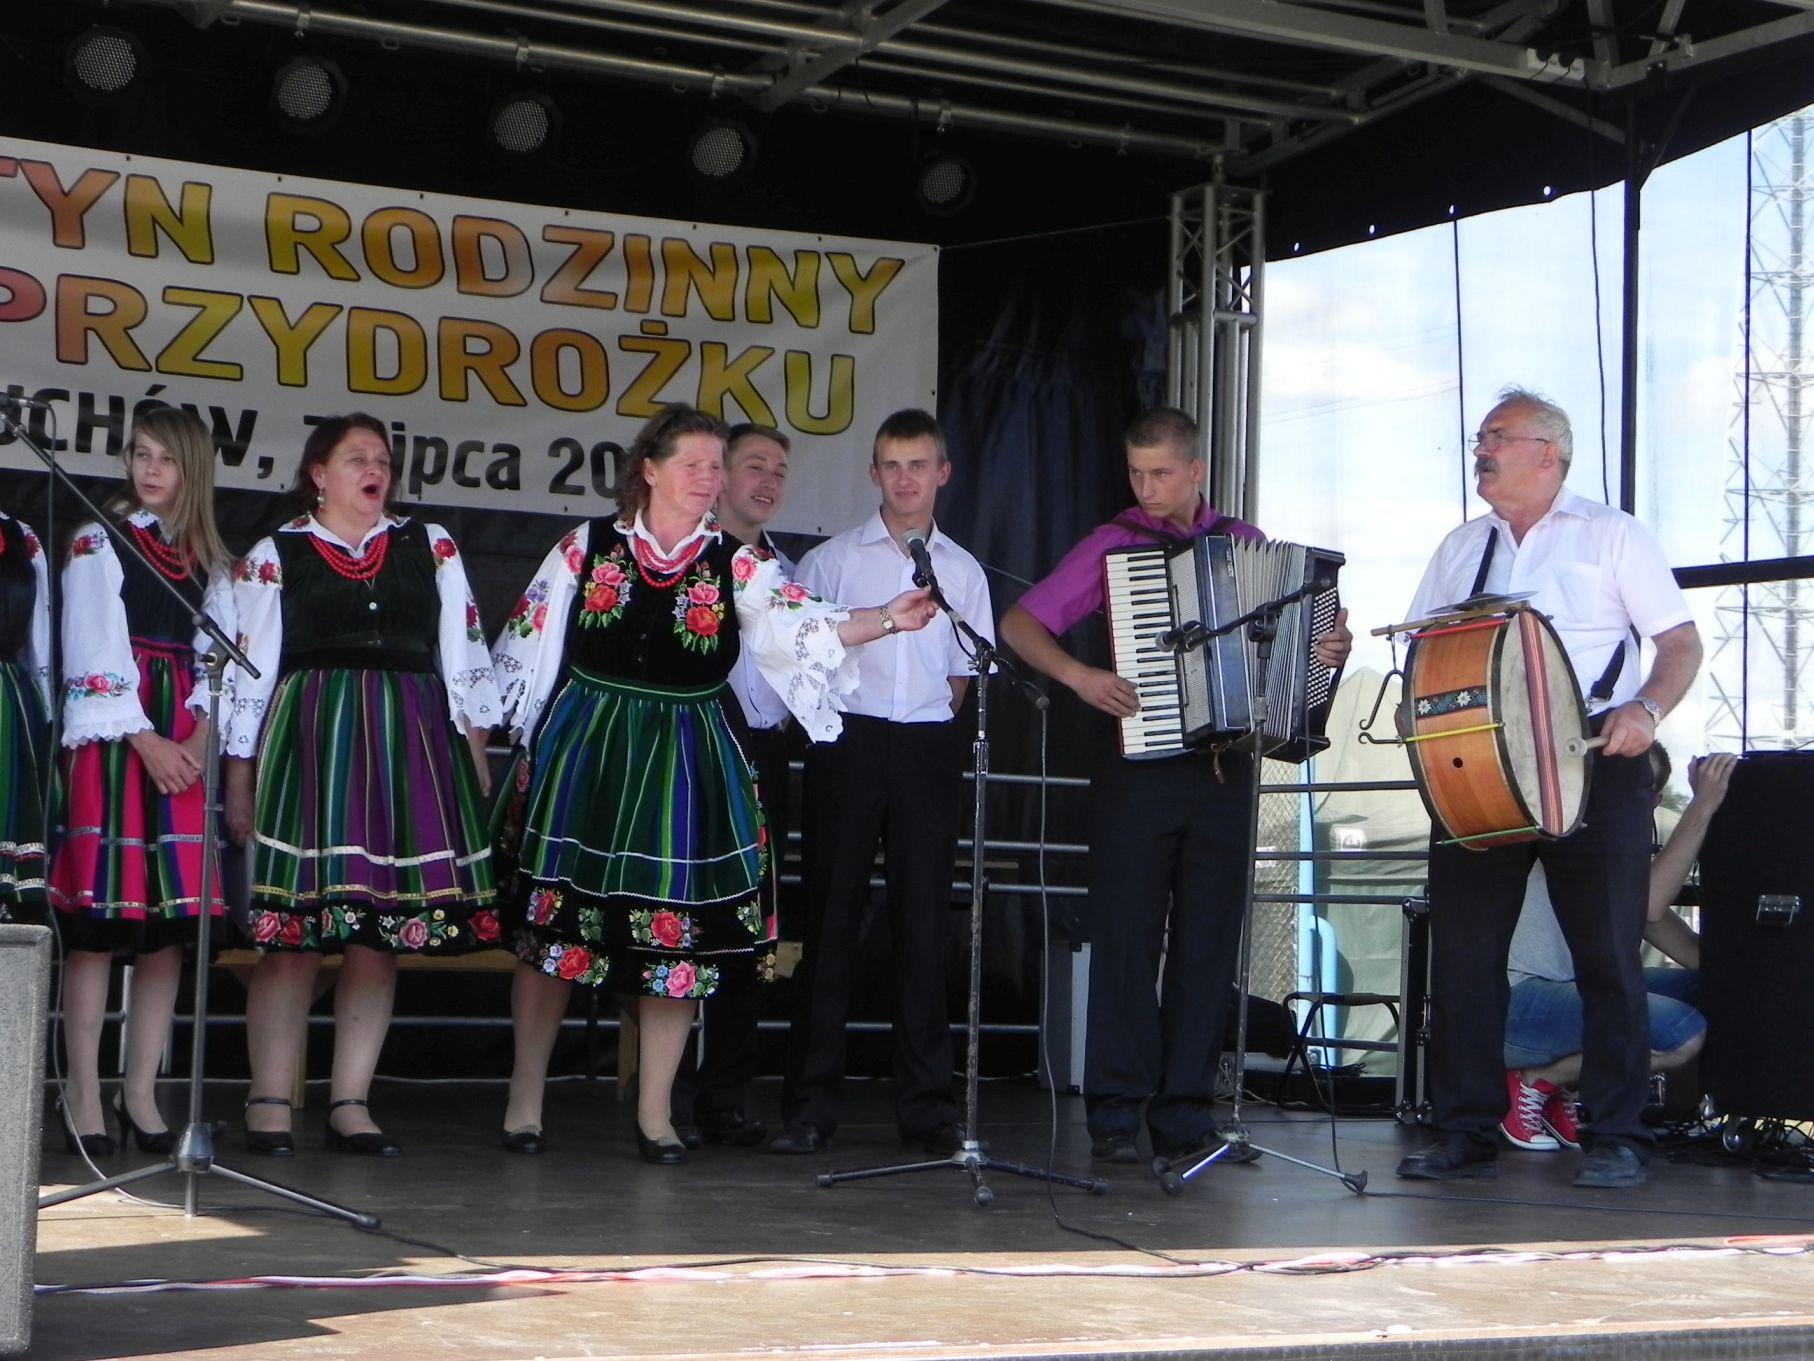 2013-07-07 Głuchów Festyn na Przydrożku (83)